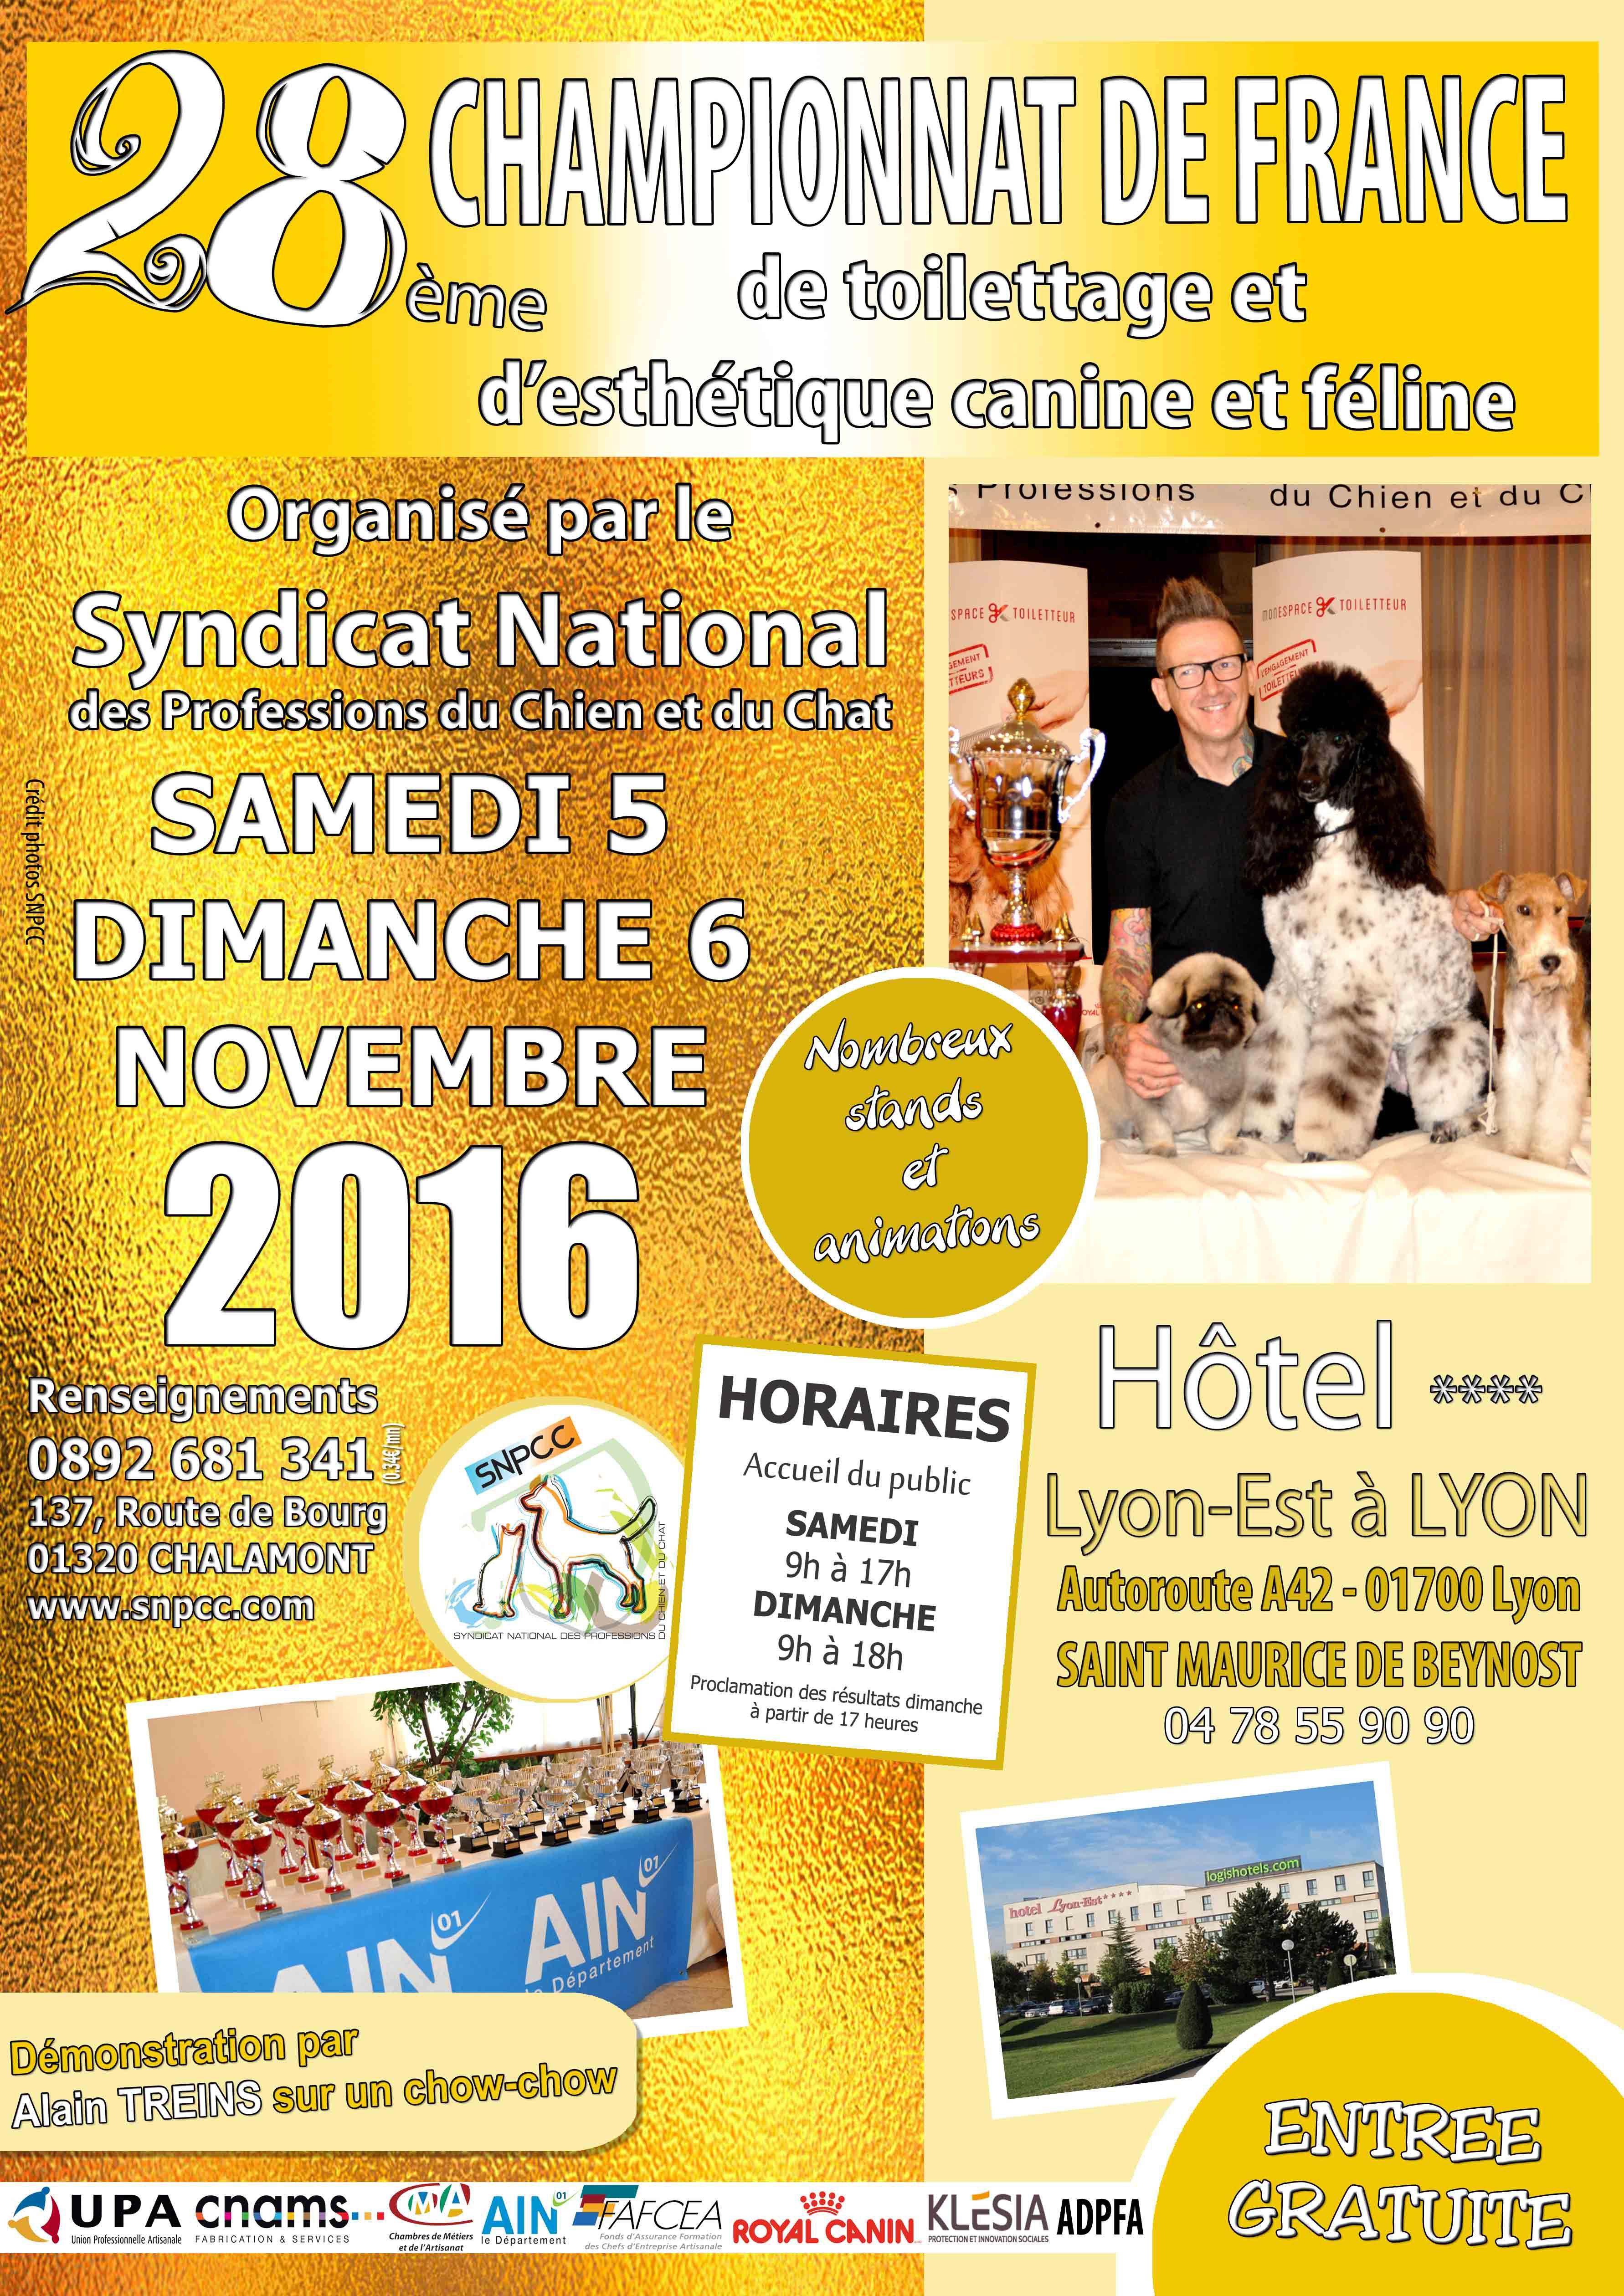 28ème édition du Championnat de France de Toilettage et d'Esthétique canine et féline